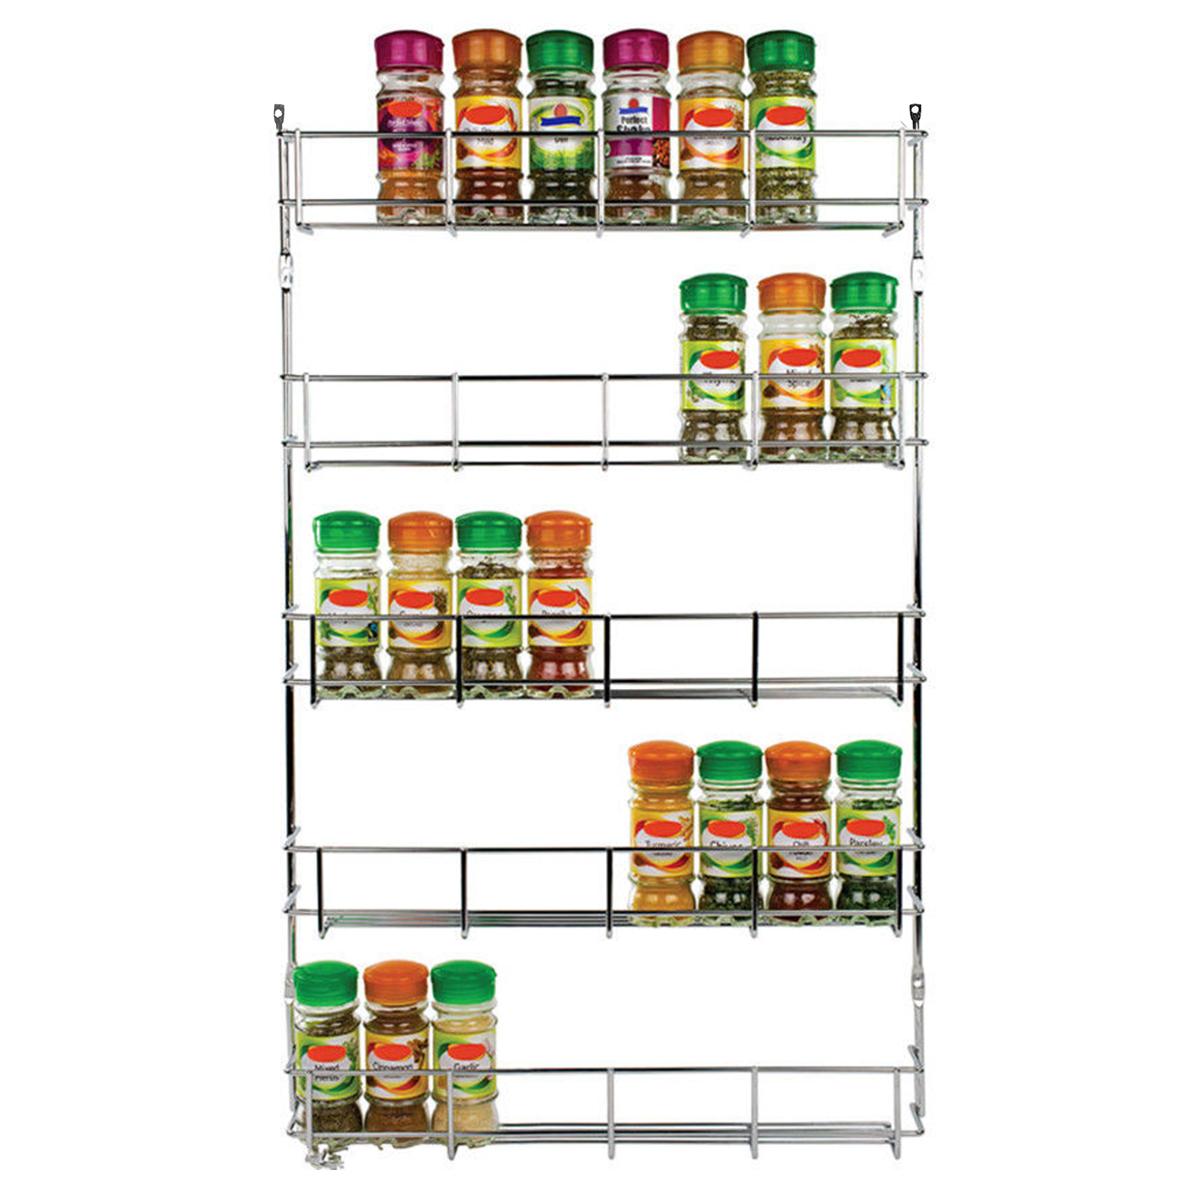 5 Tiers Кухонный шкаф для хранения специй Органайзер Держатель для хранения настенных шкафов для хранения кухонной стойки фото